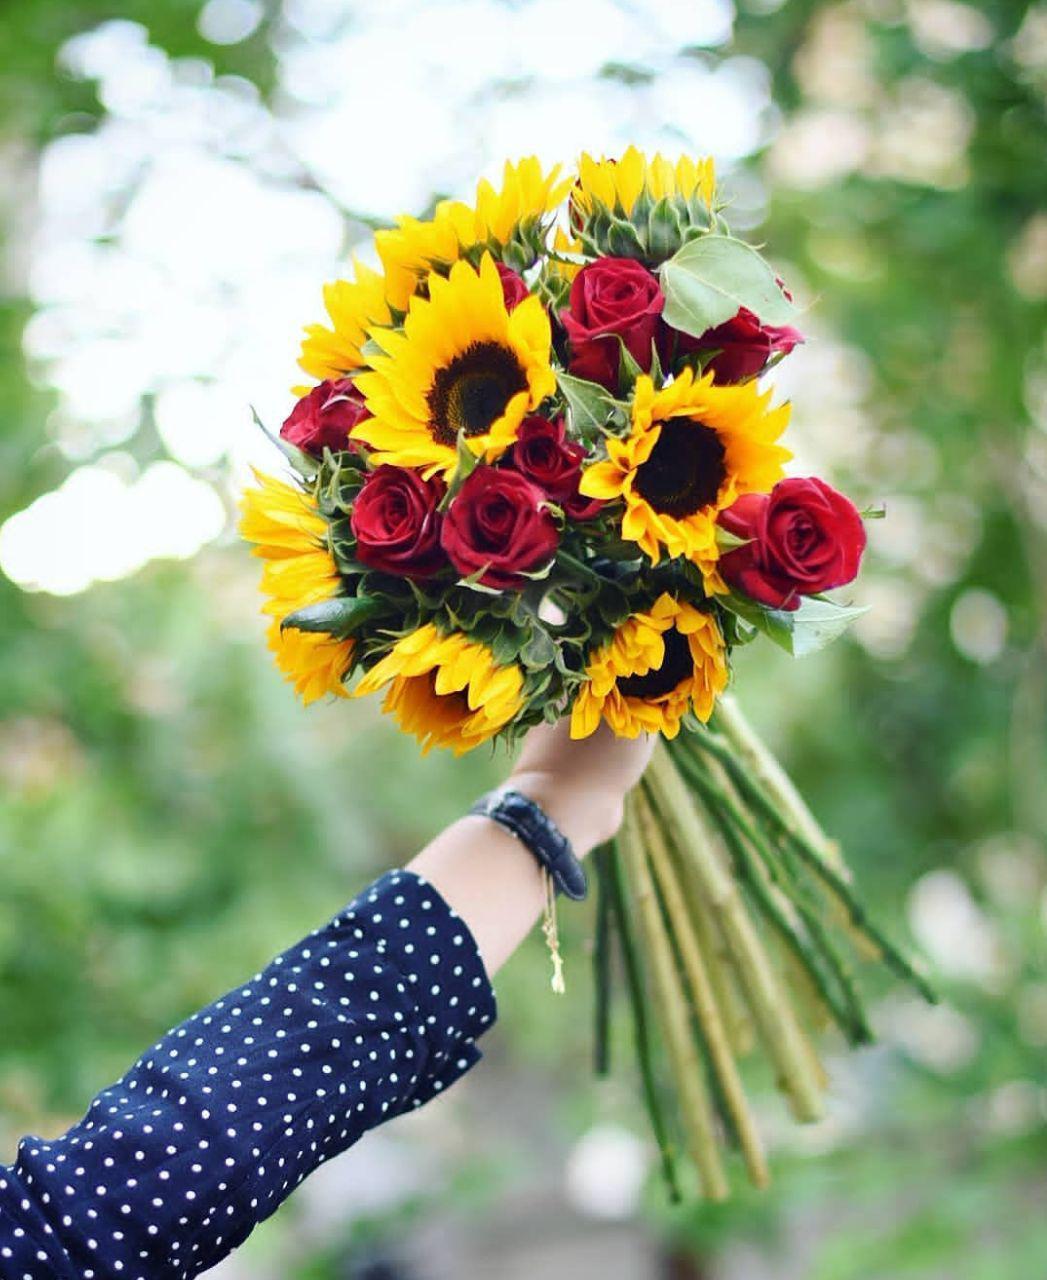 عکس گلهای زیبا